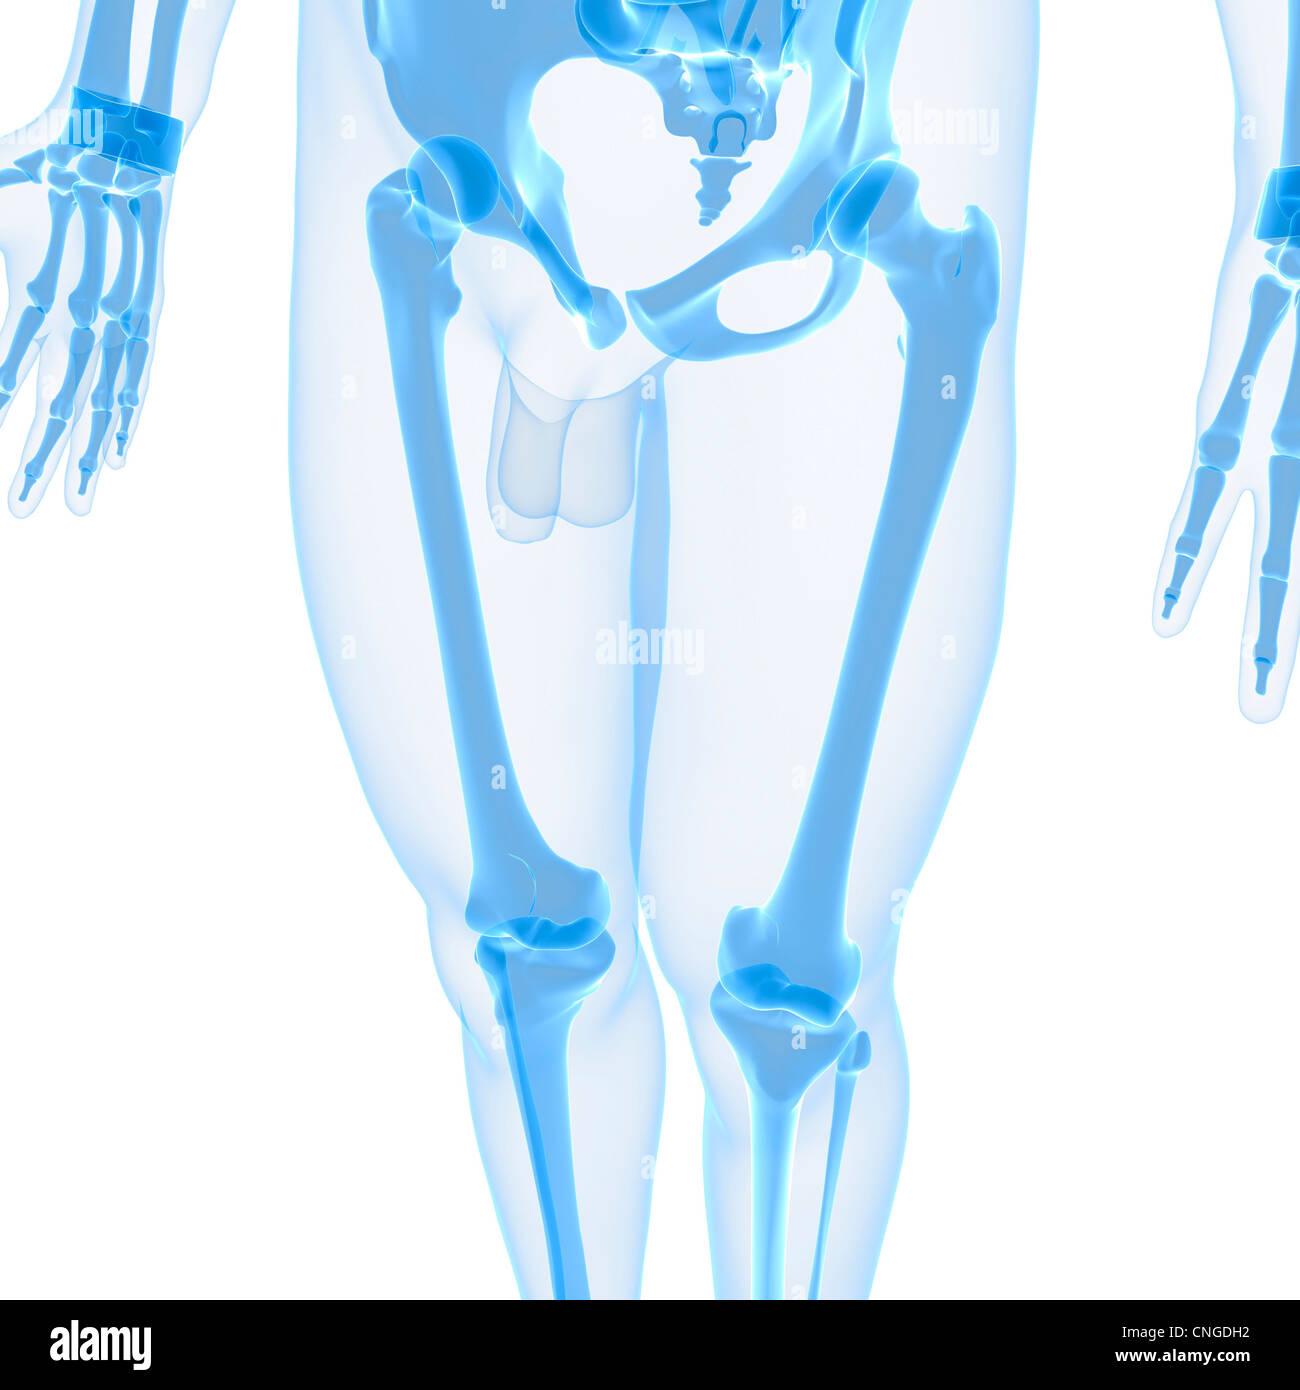 Magnífico Huesos De La Pierna Foto Molde - Imágenes de Anatomía ...